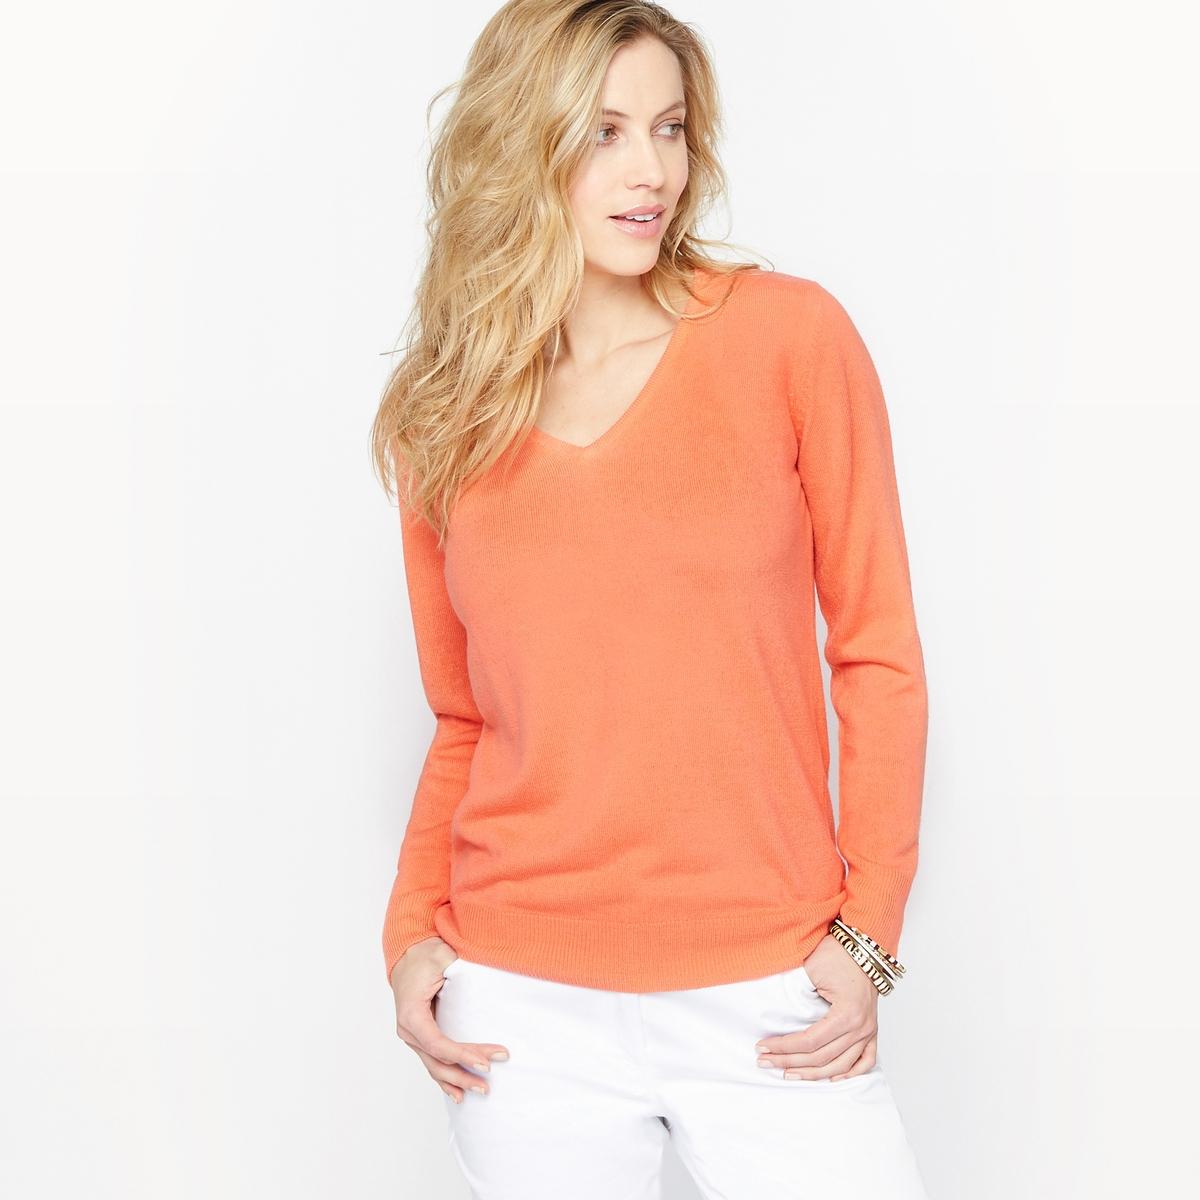 Пуловер с V-образным вырезом из трикотажа под кашемир